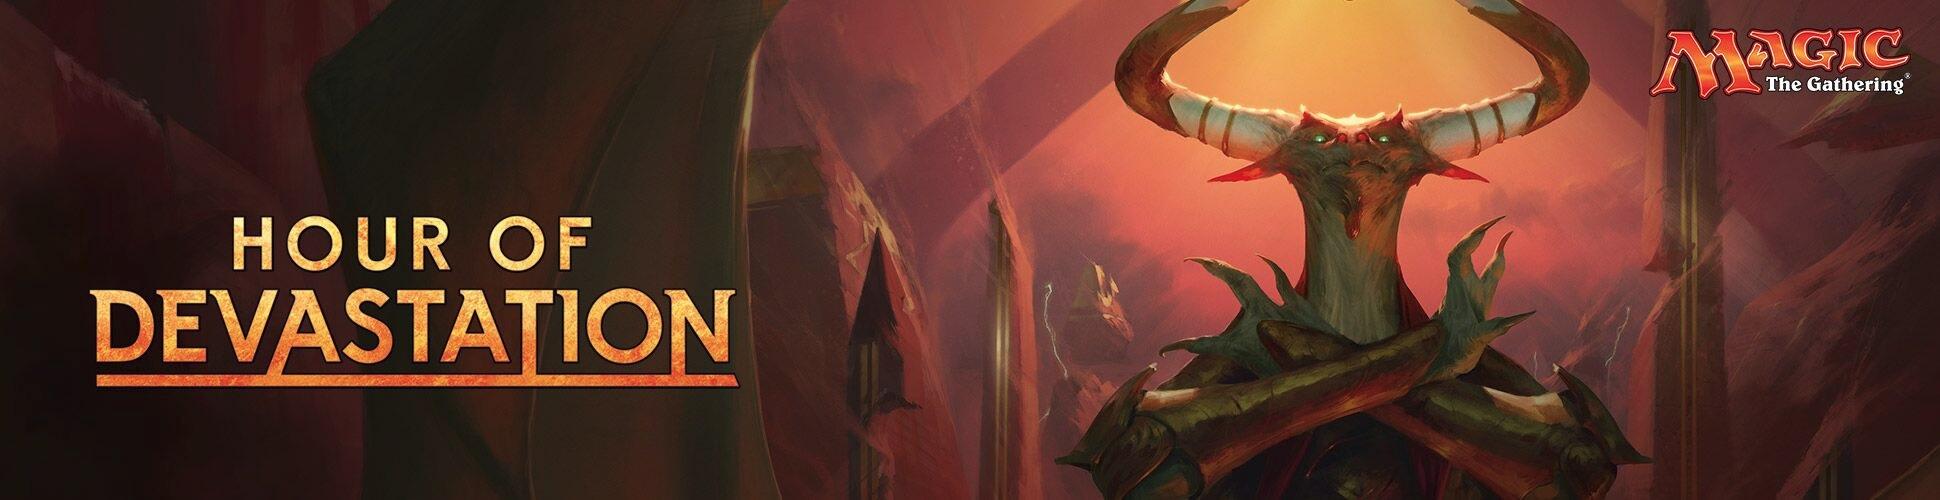 Hour of devastation banner.jpg